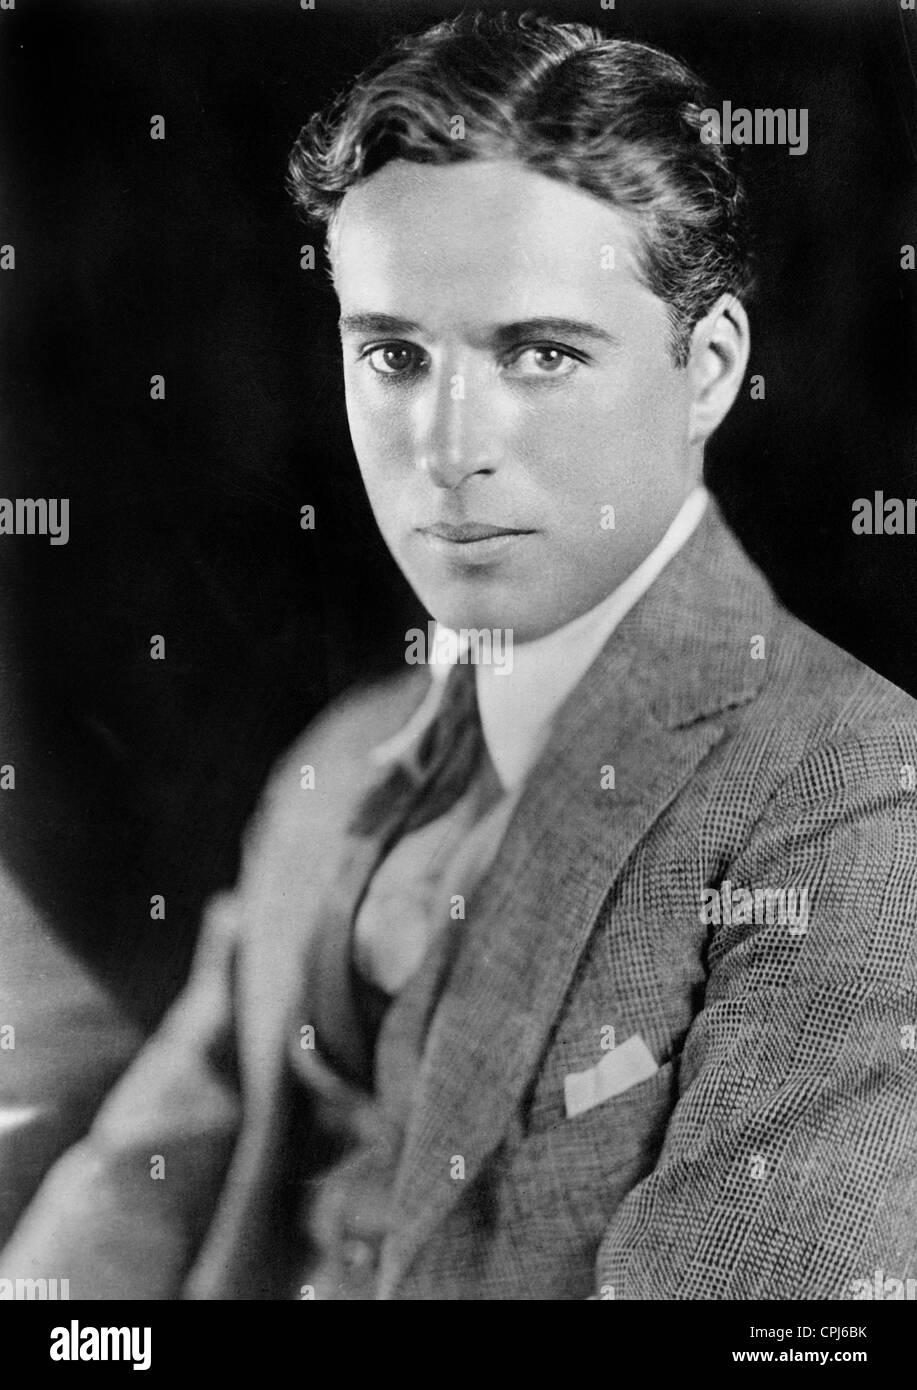 Britischer Schauspieler und Regisseur Charles Chaplin (1889-1977). Stockbild